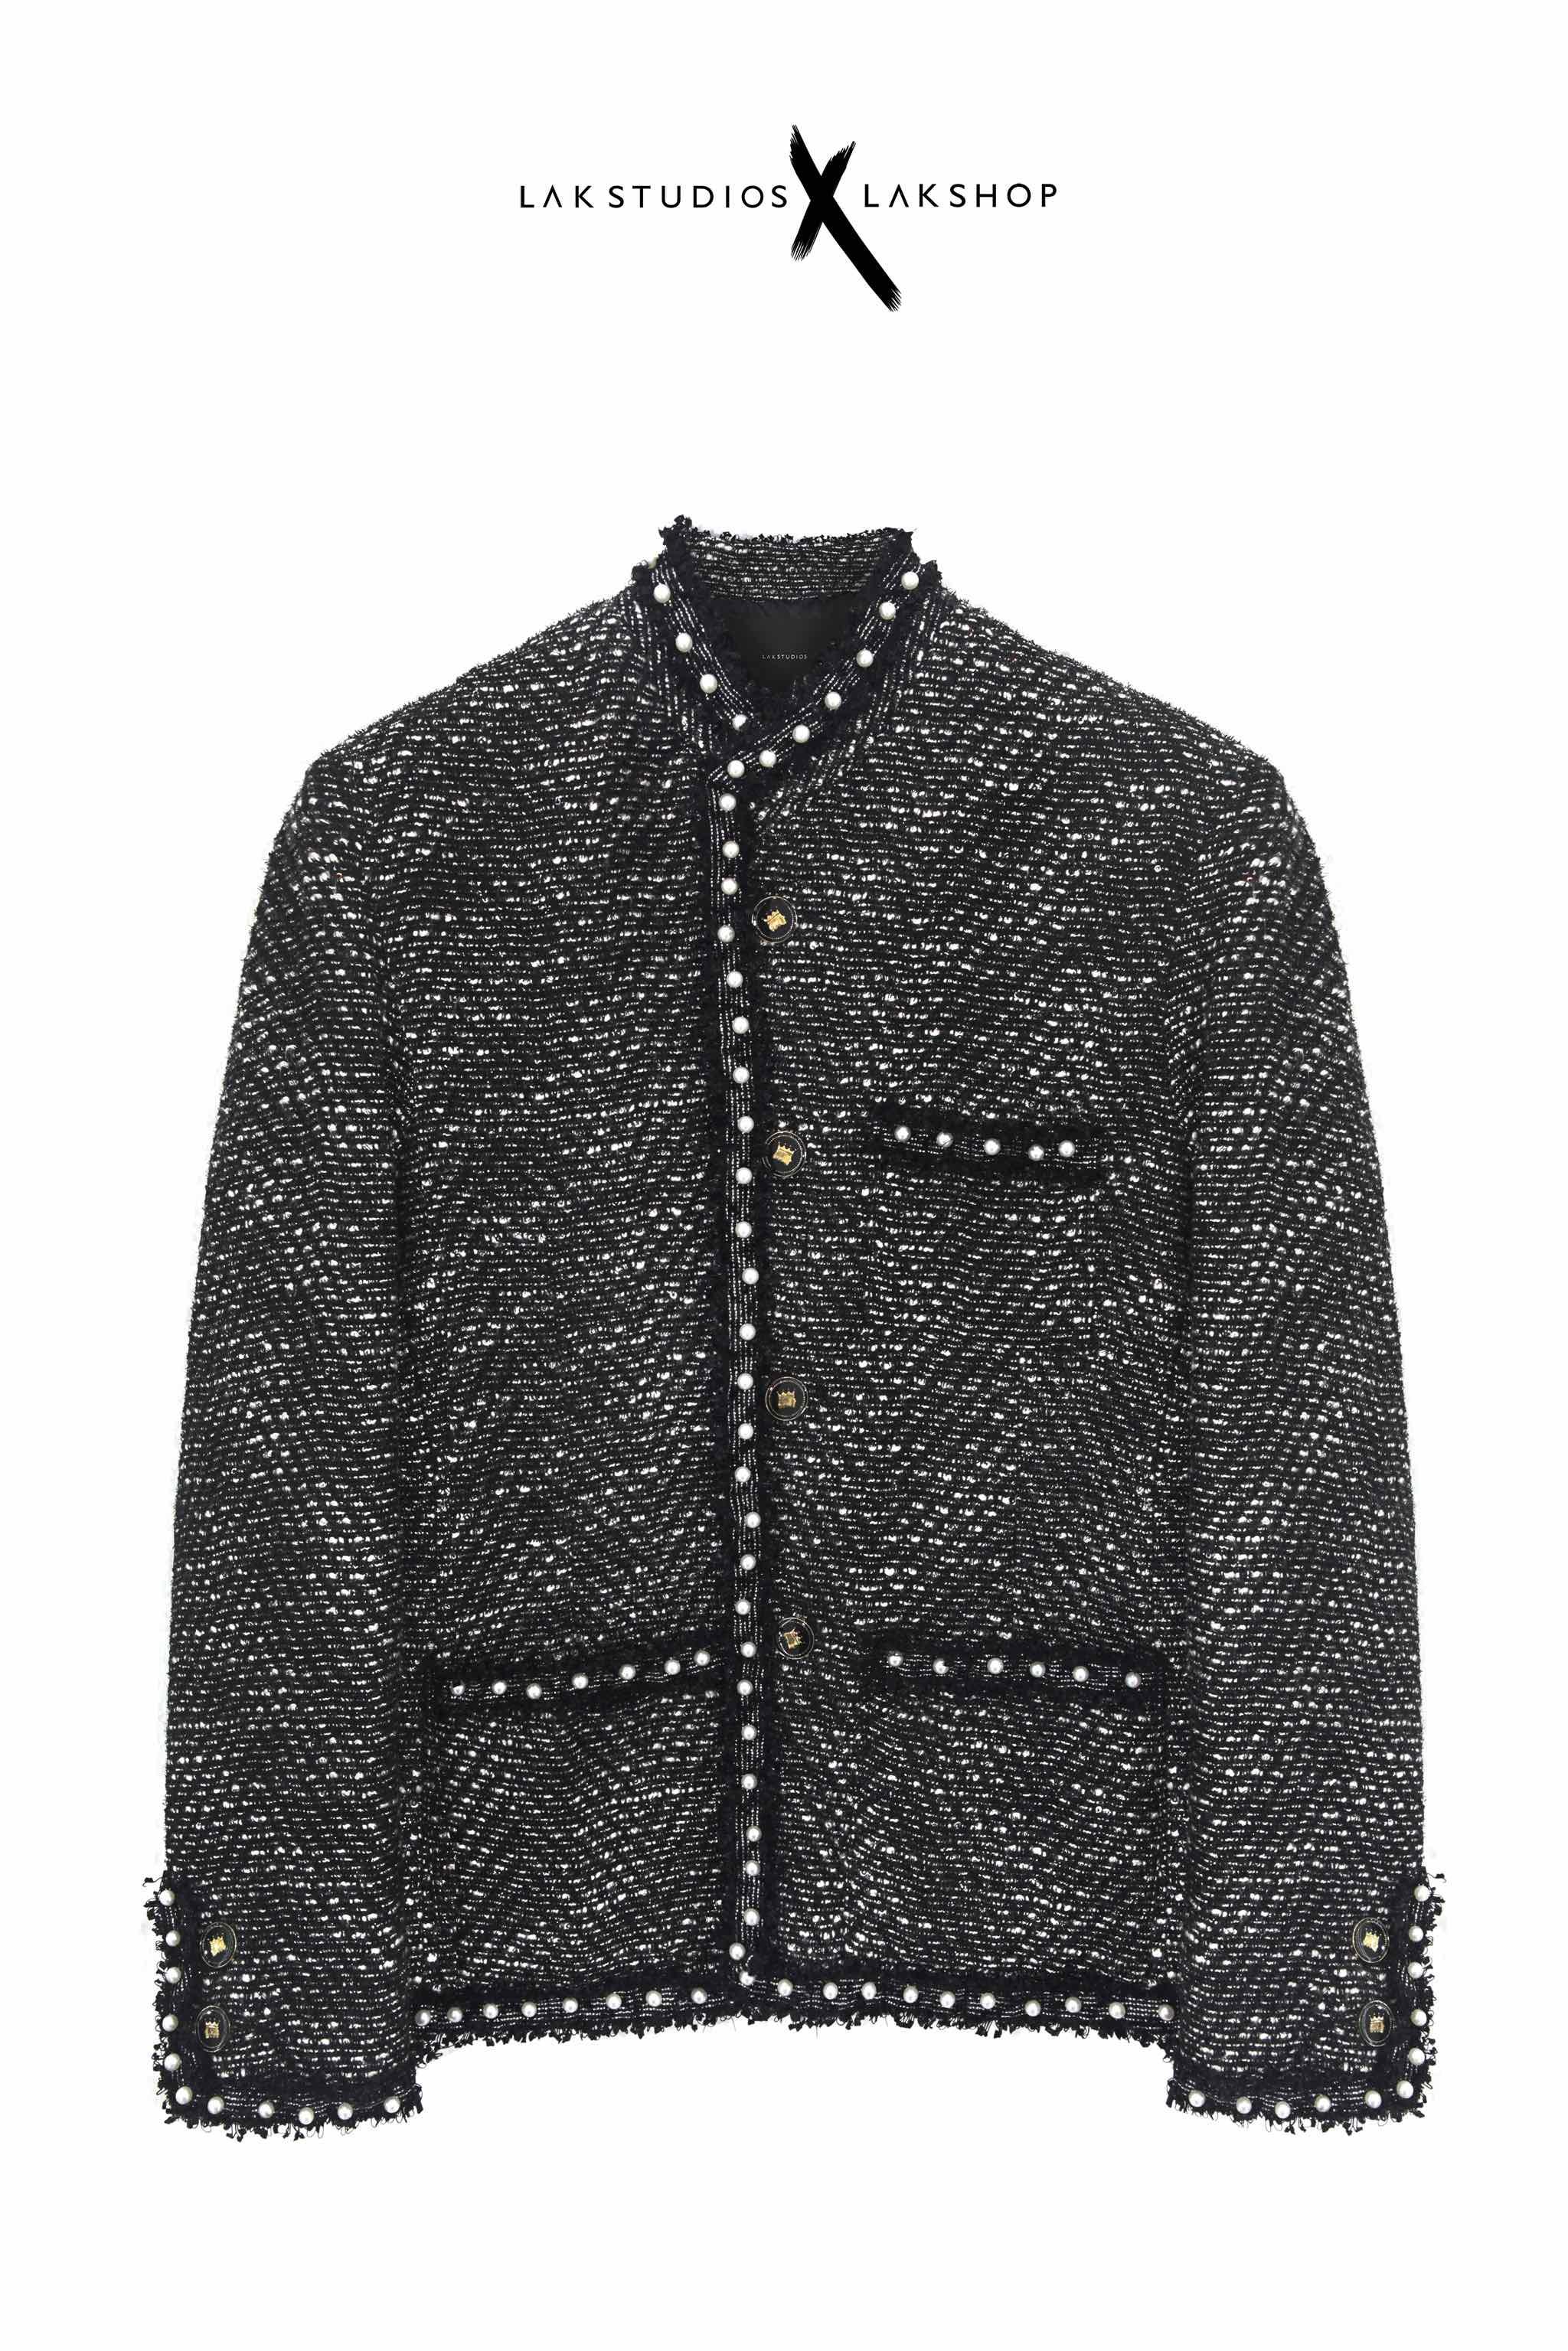 Áo Lak Studios Glitter Grey Tweed with Peal Trim Jackets cv2